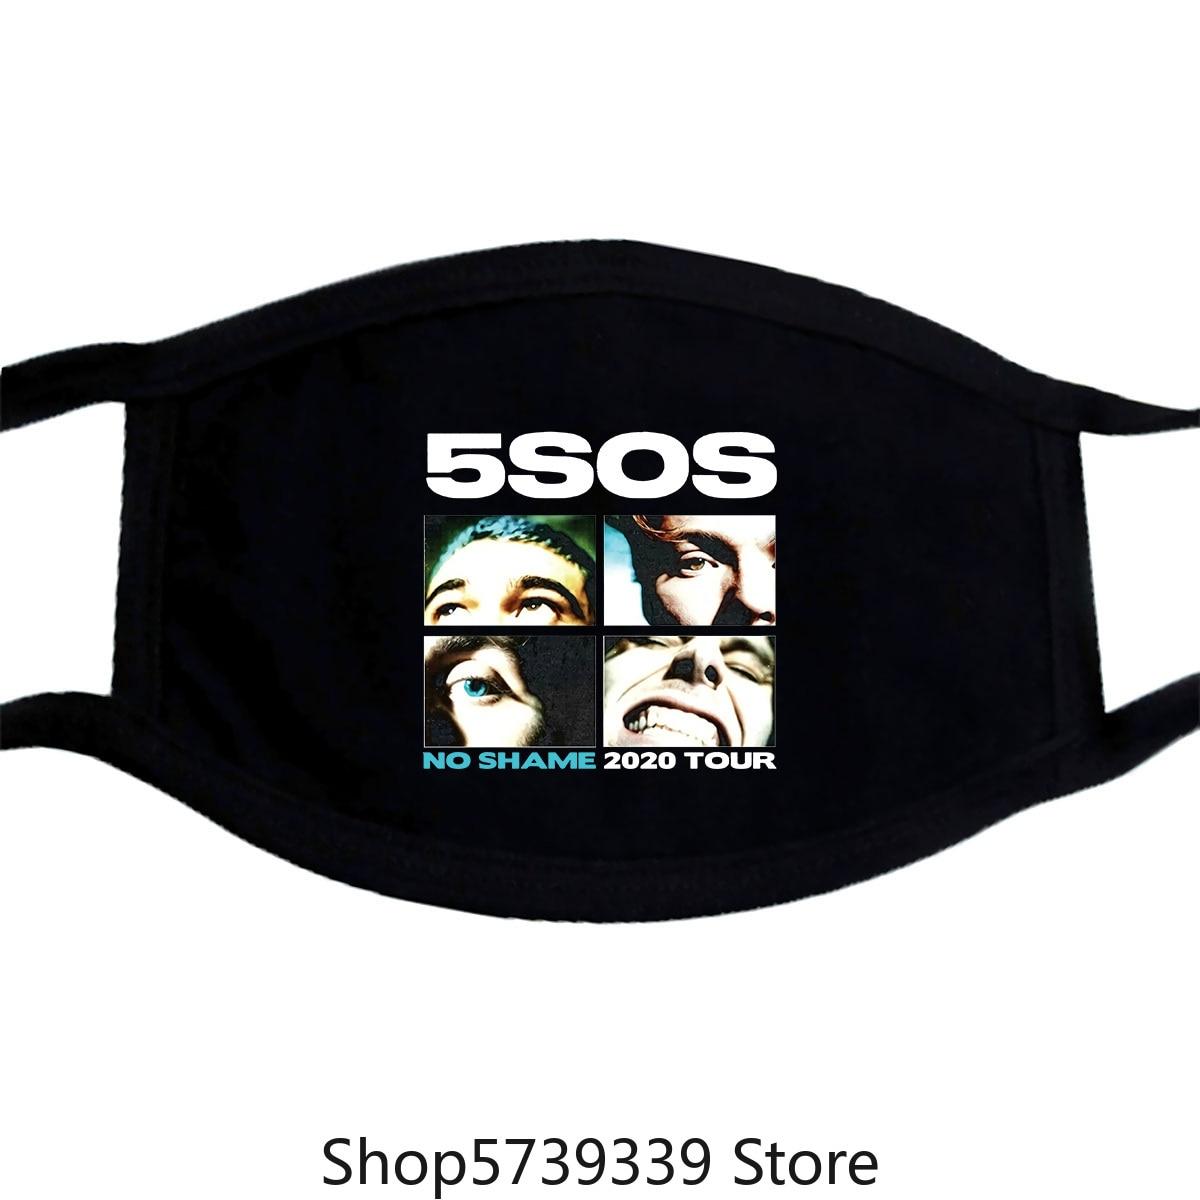 5 Seconds Of Summer Mask No Shame 2020 Tour Mask Washable Reusable Mask